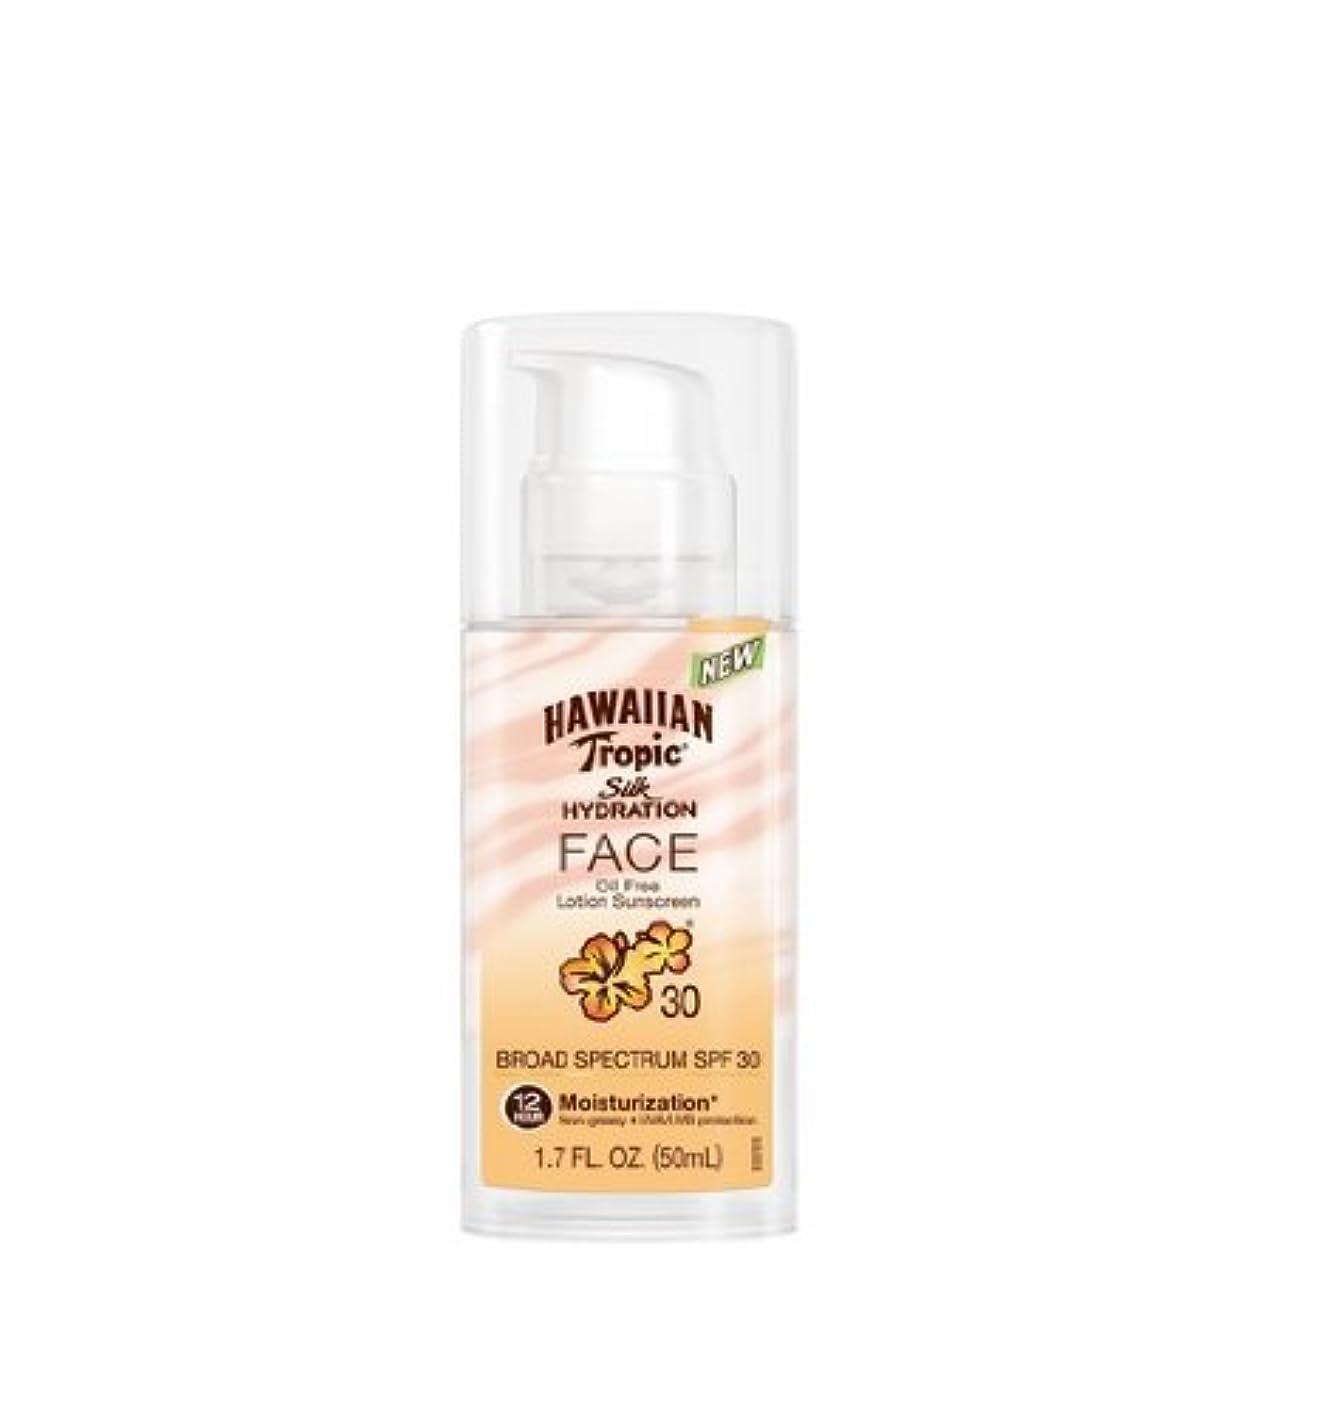 ベイビー最悪債務【お顔専用日焼け止め】ハワイアントロピック Hawaiian Tropic Silk Hydration Face Lotion 【12時間持続】 SPF 30, 1.7 Ounce  ハワイ直送品